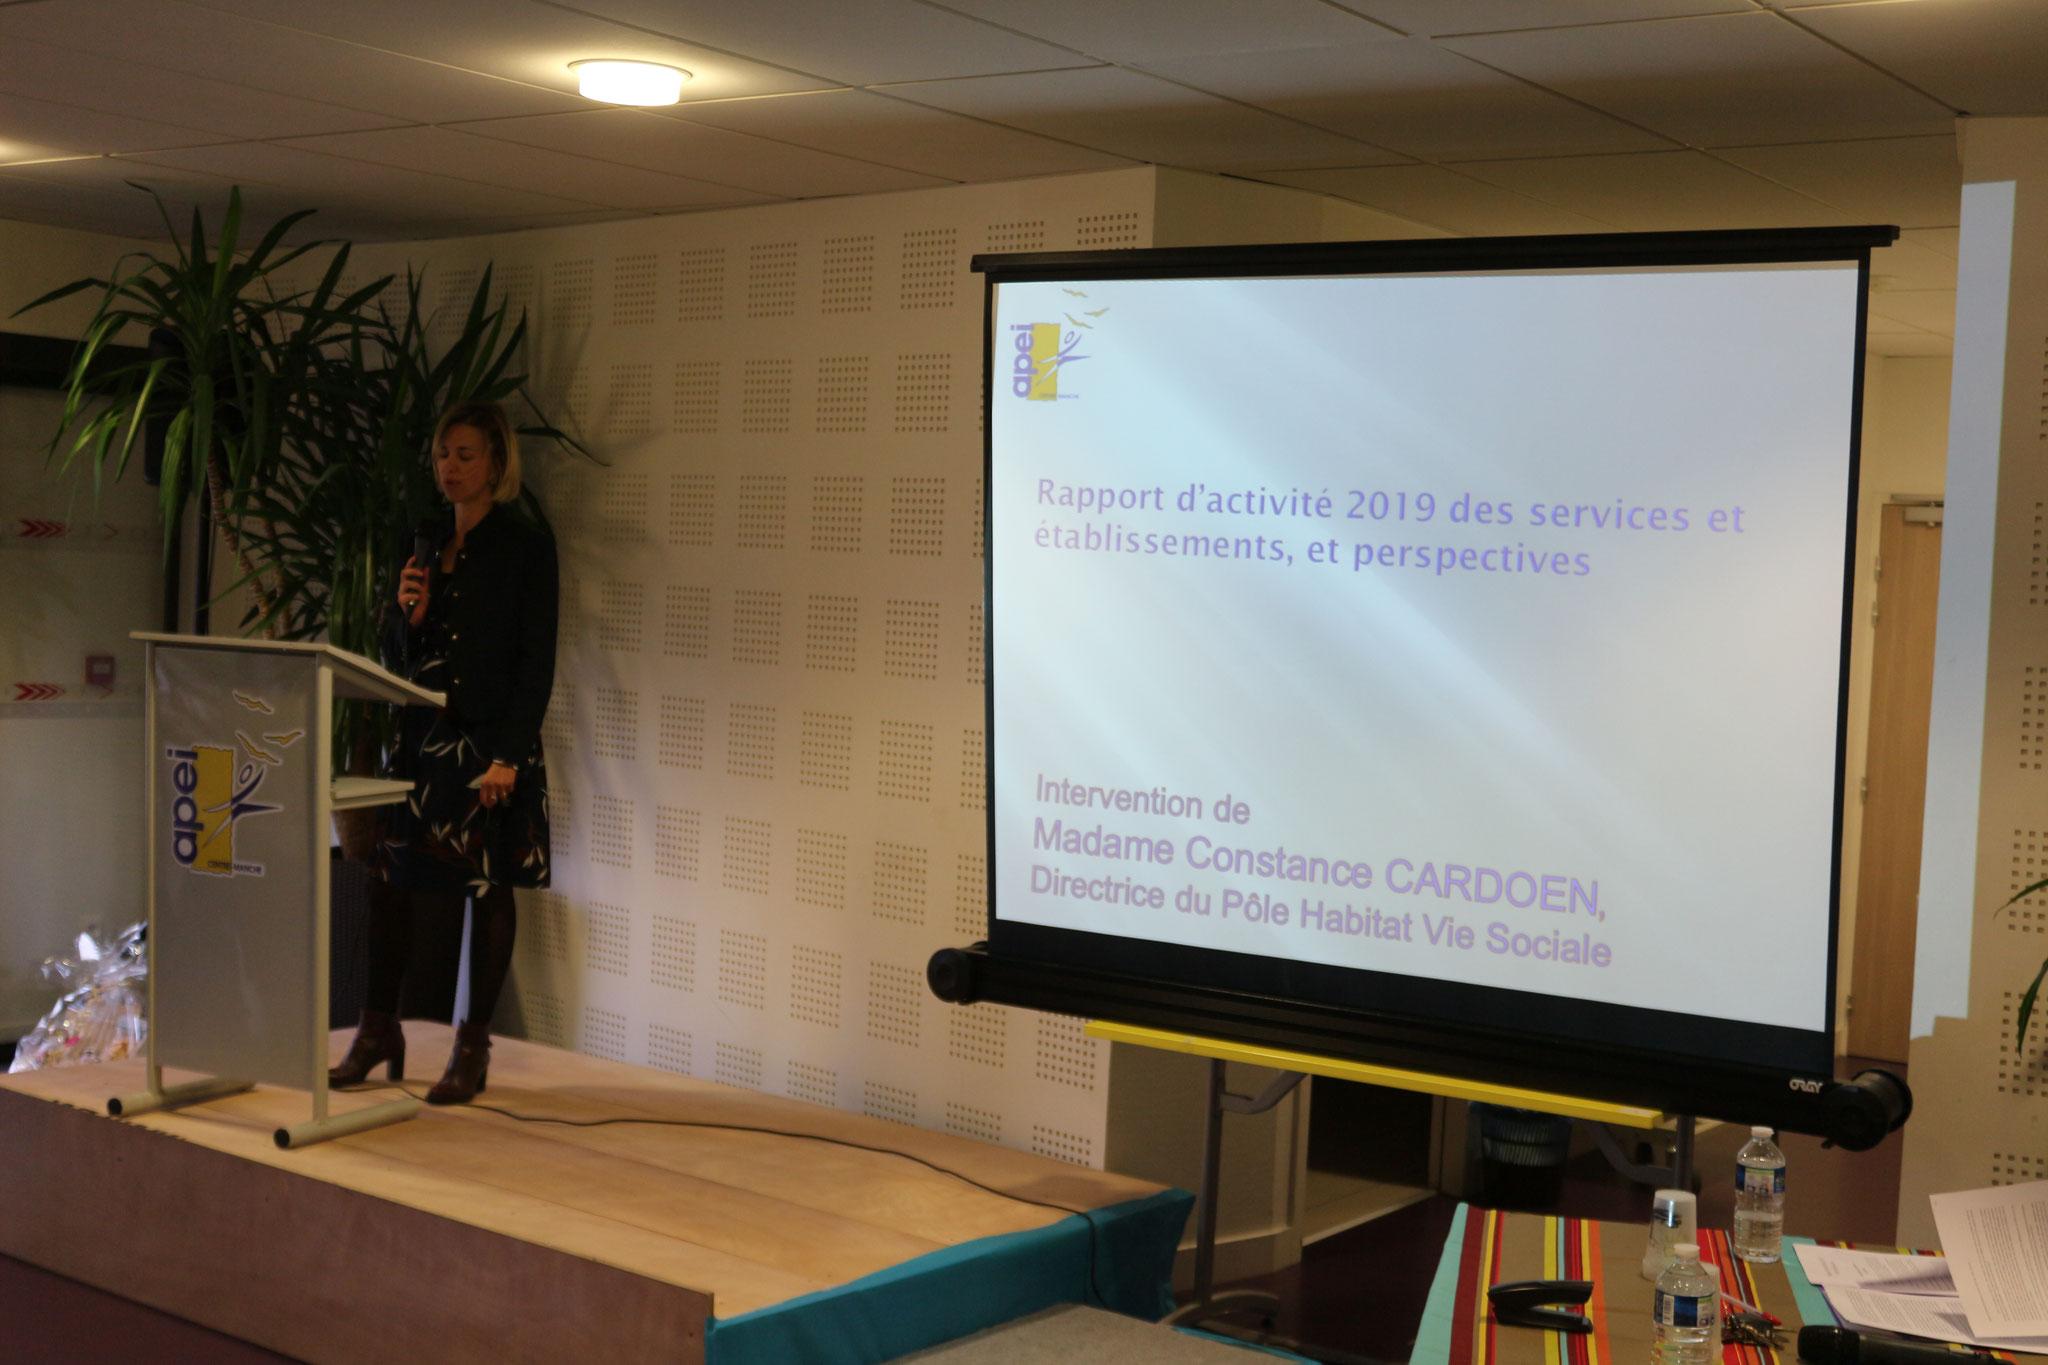 Rapport d'activités du Pôle Habitat vie Sociale et Accompagnement Spécialisé par Constance CARDOEN